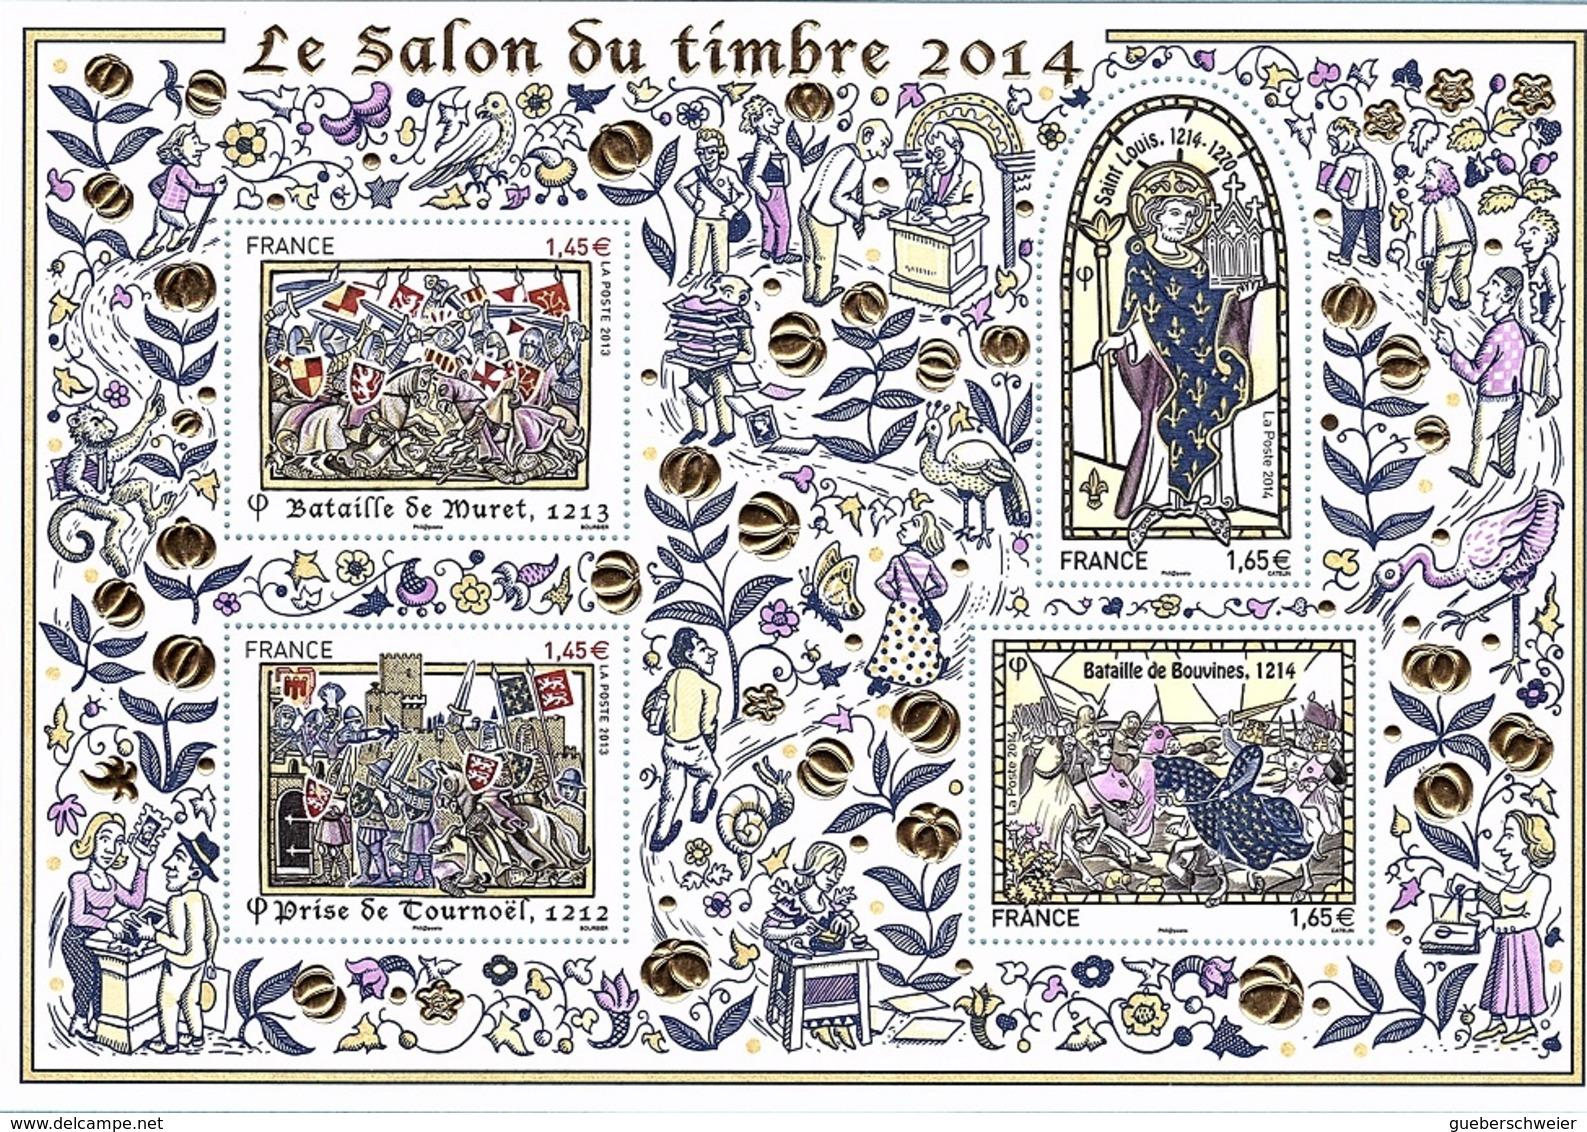 BF 135 - FRANCE Salon Du Timbre 2014 Les Grandes Heures De L'Histoire De France - Ungebraucht